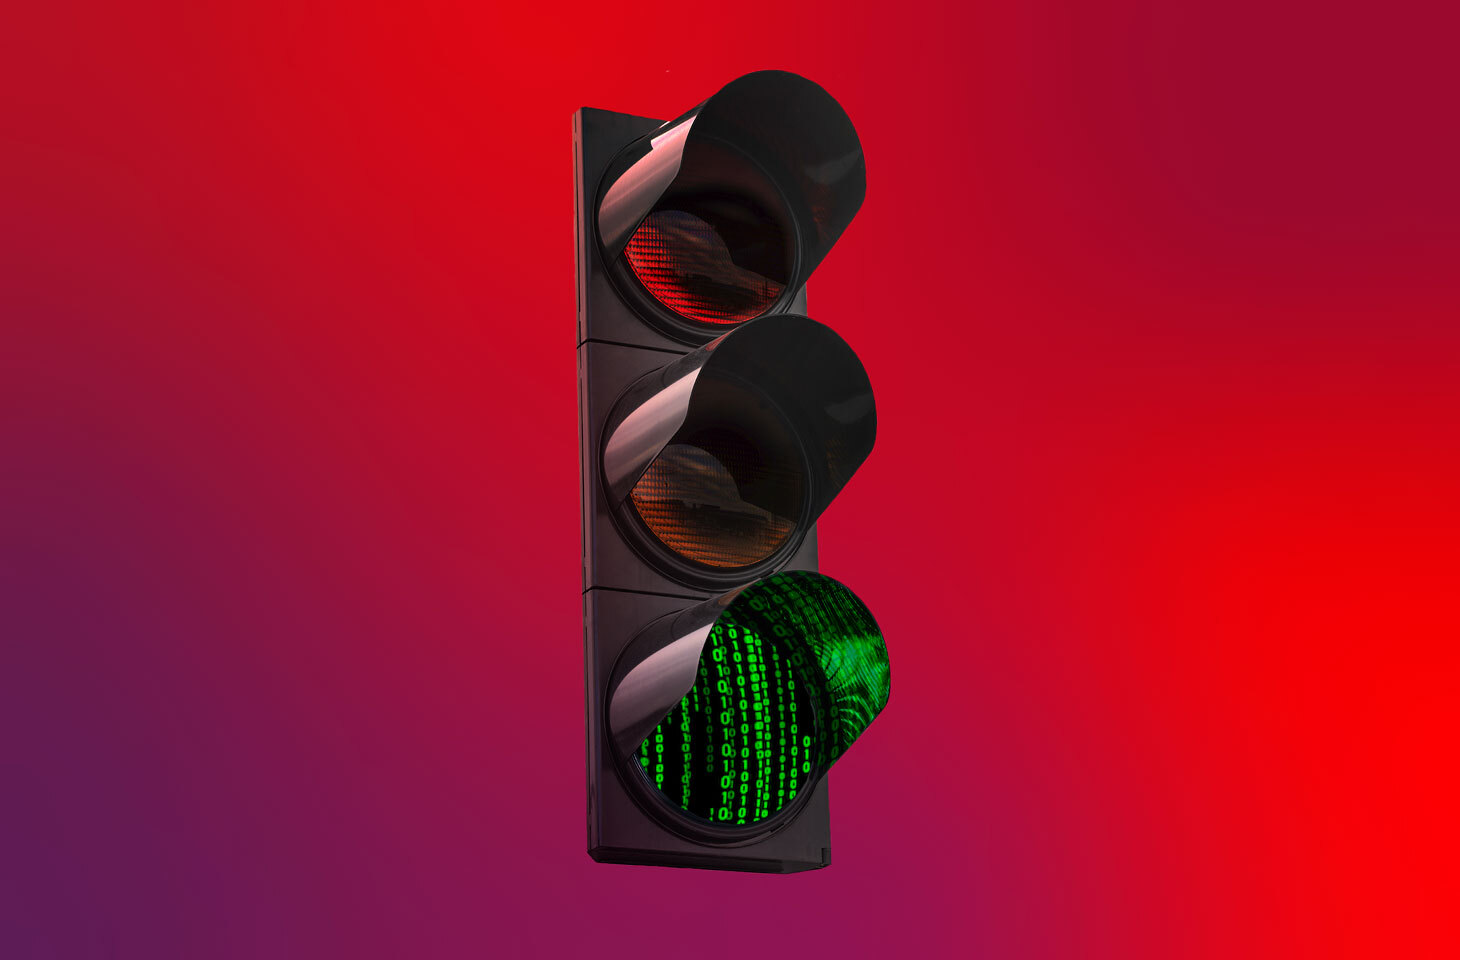 三個年代電影中的黑客的幻想與現實